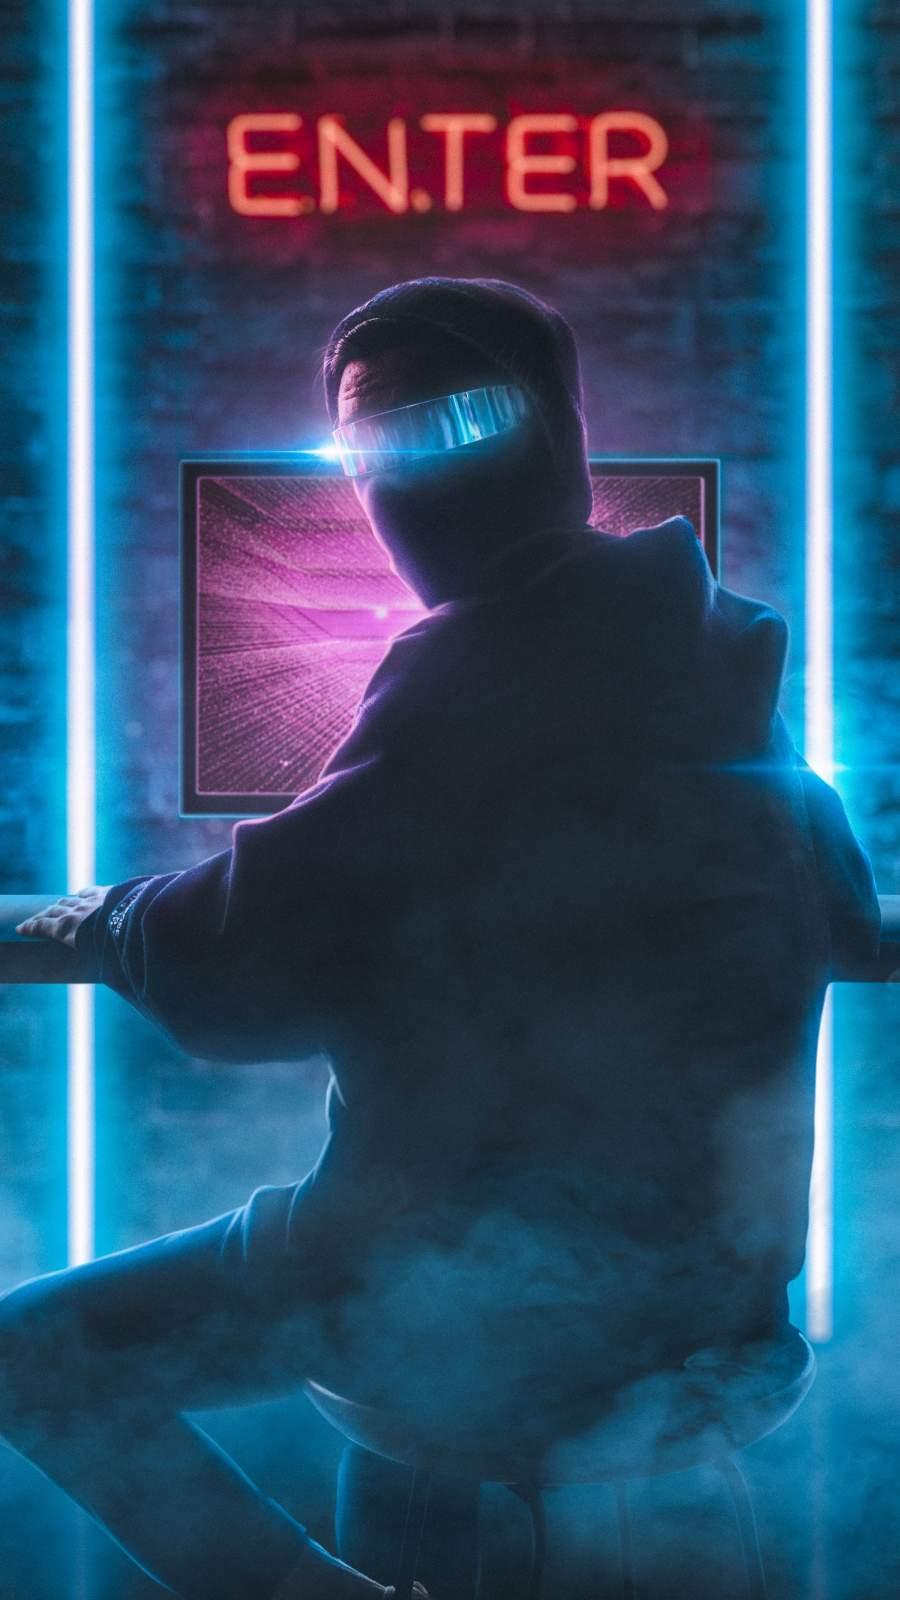 Computer Hacker iPhone Wallpaper